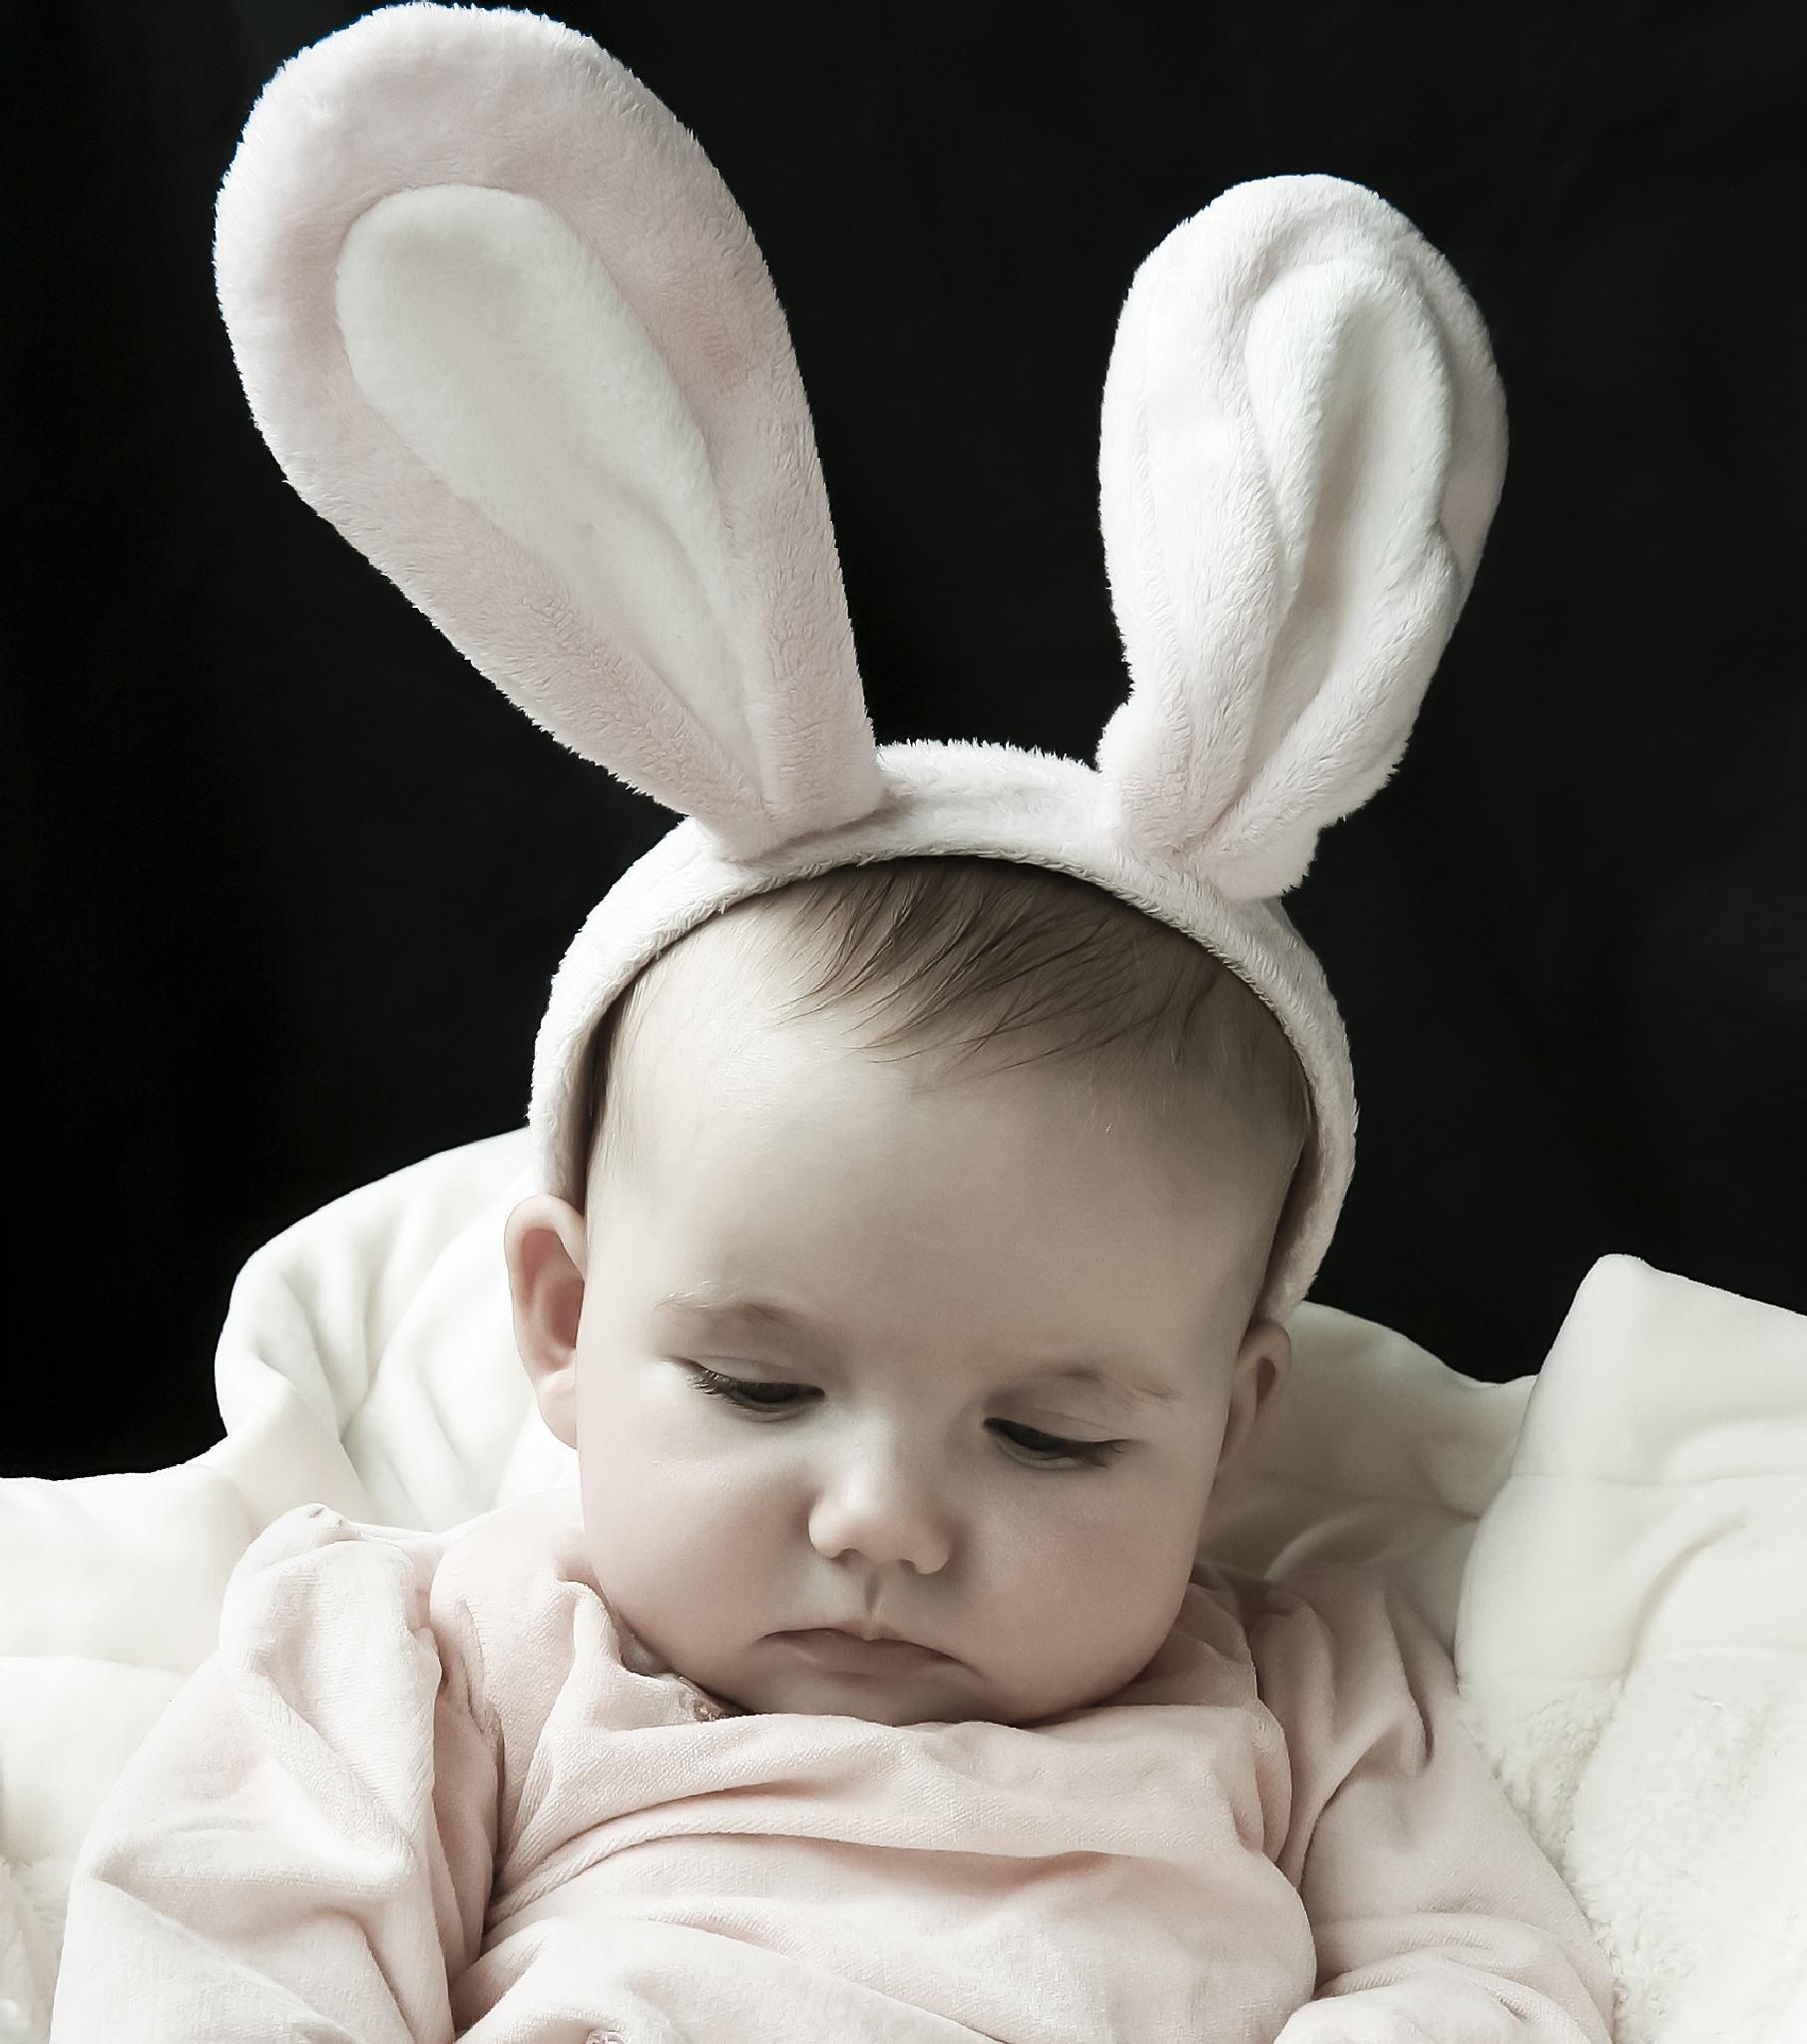 Bunny by hrgodinez